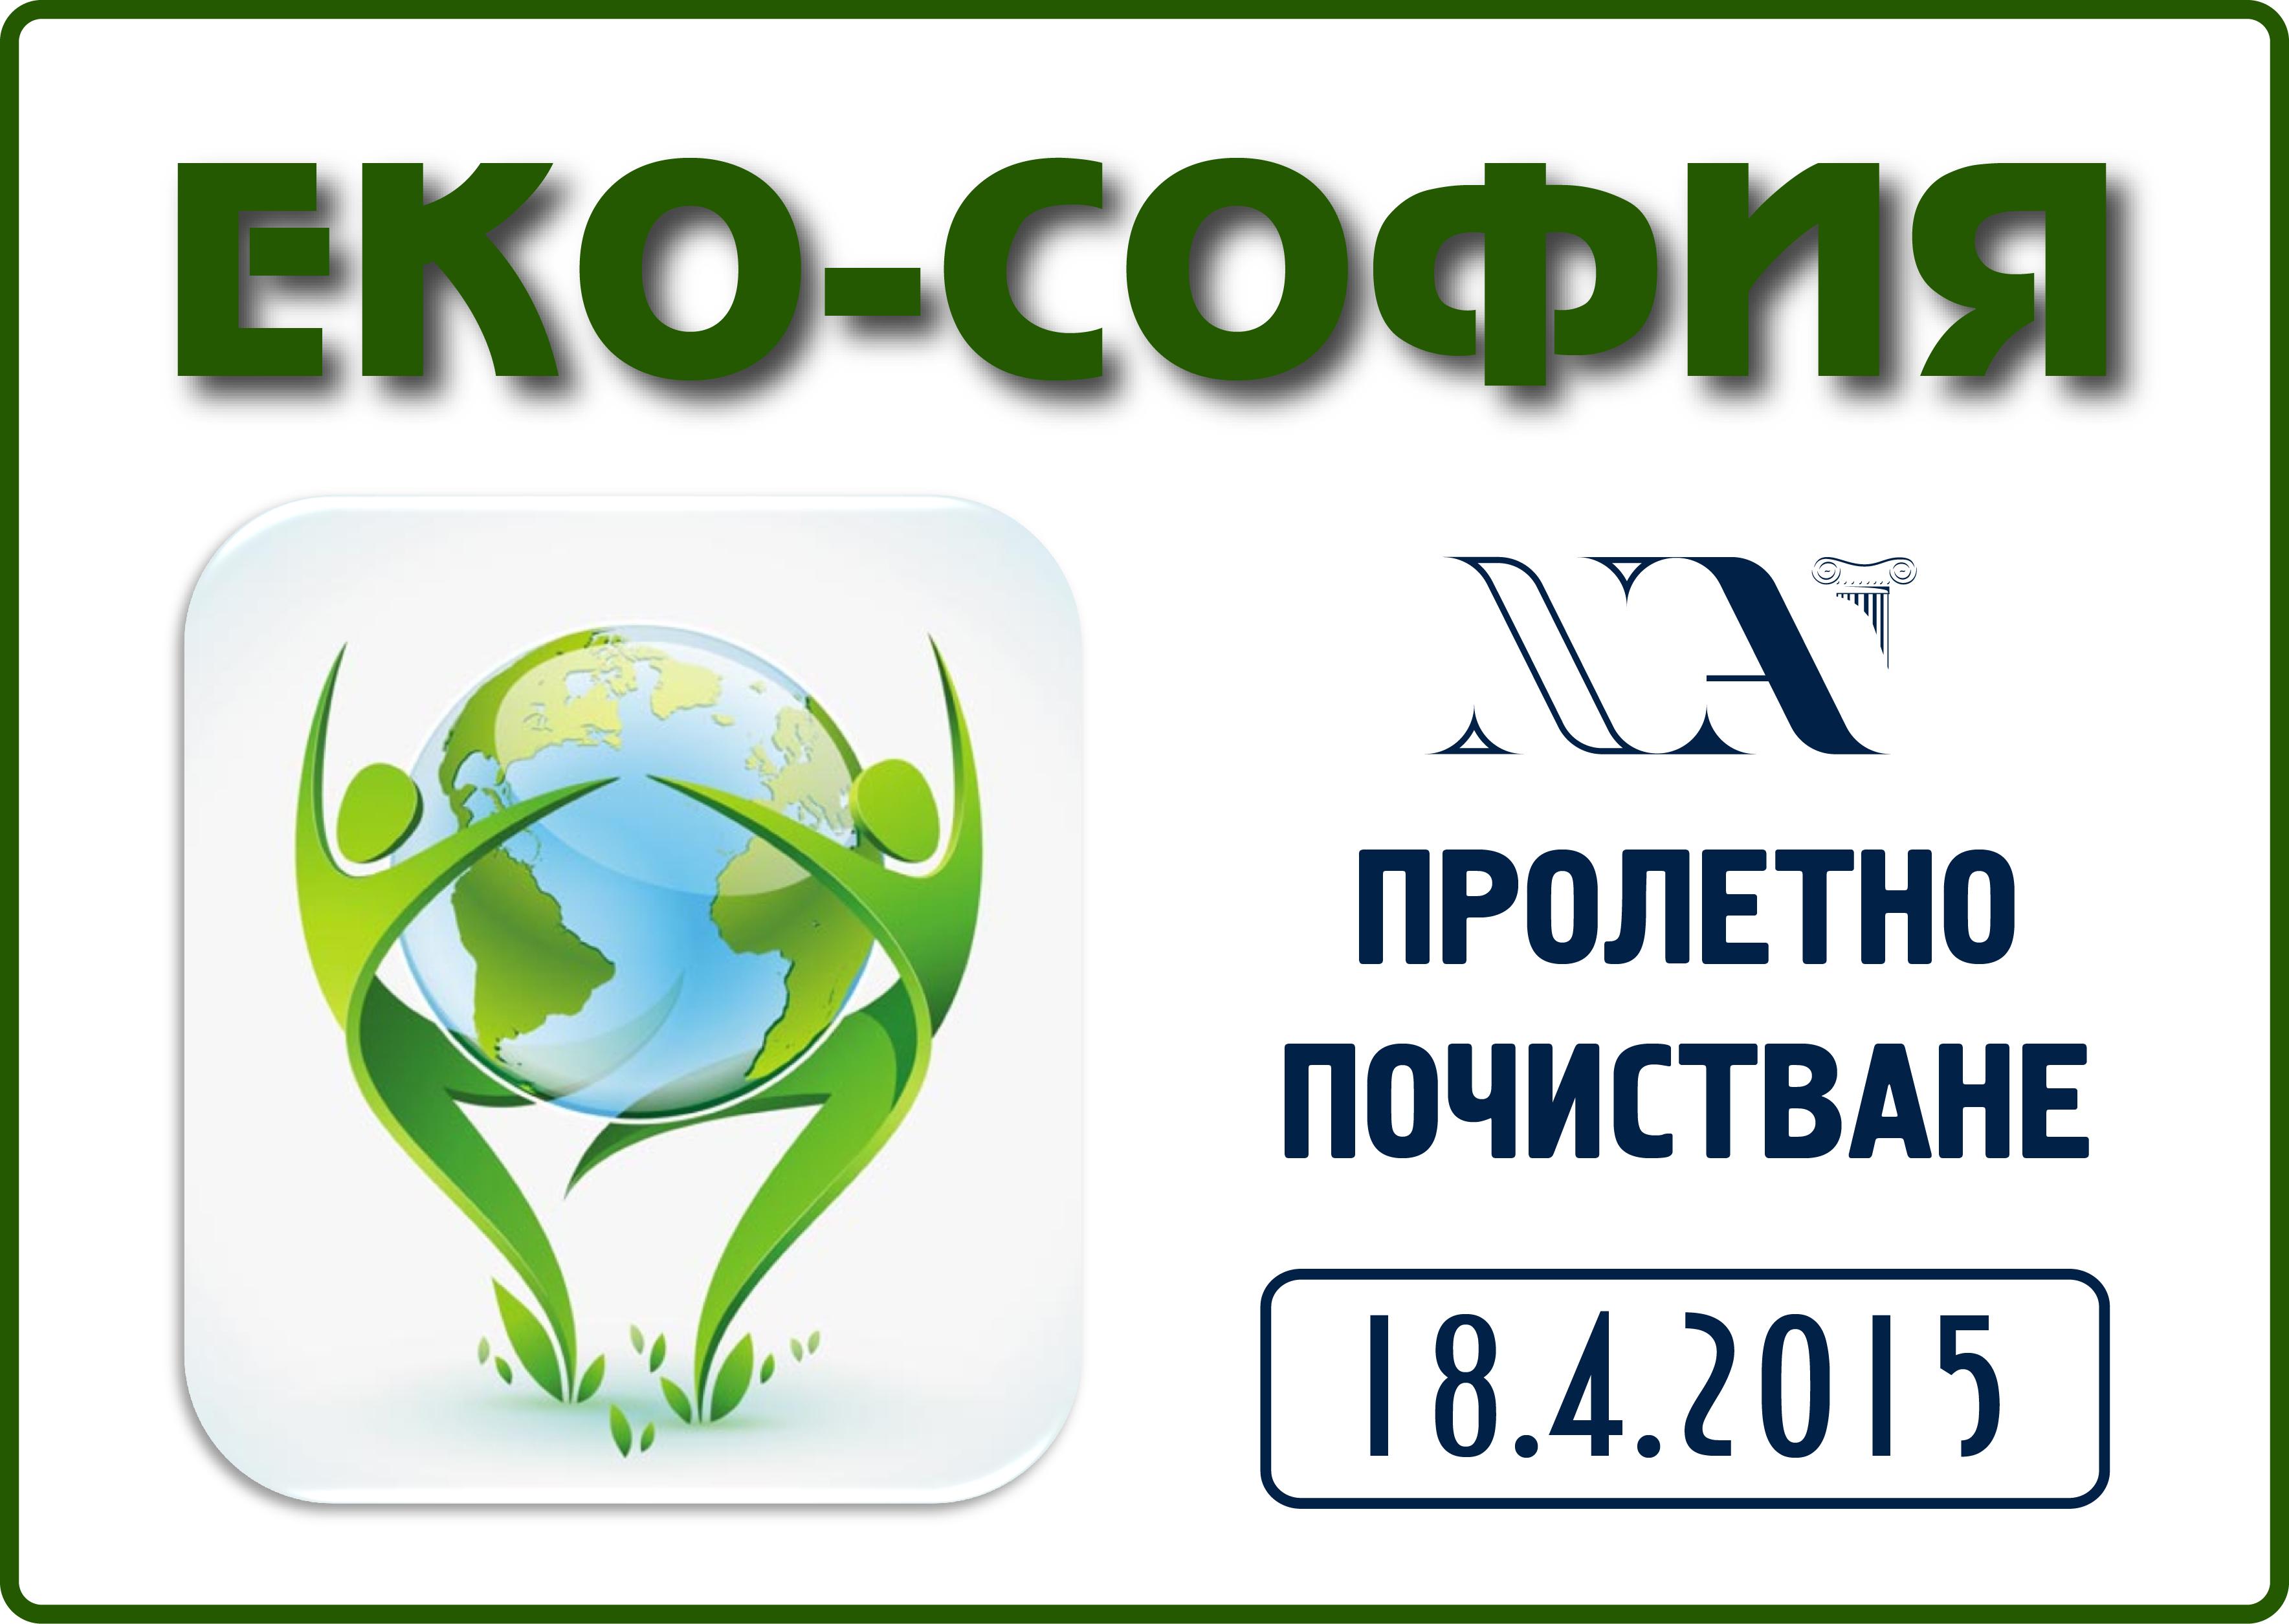 ЕКО-СОФИЯ 2015